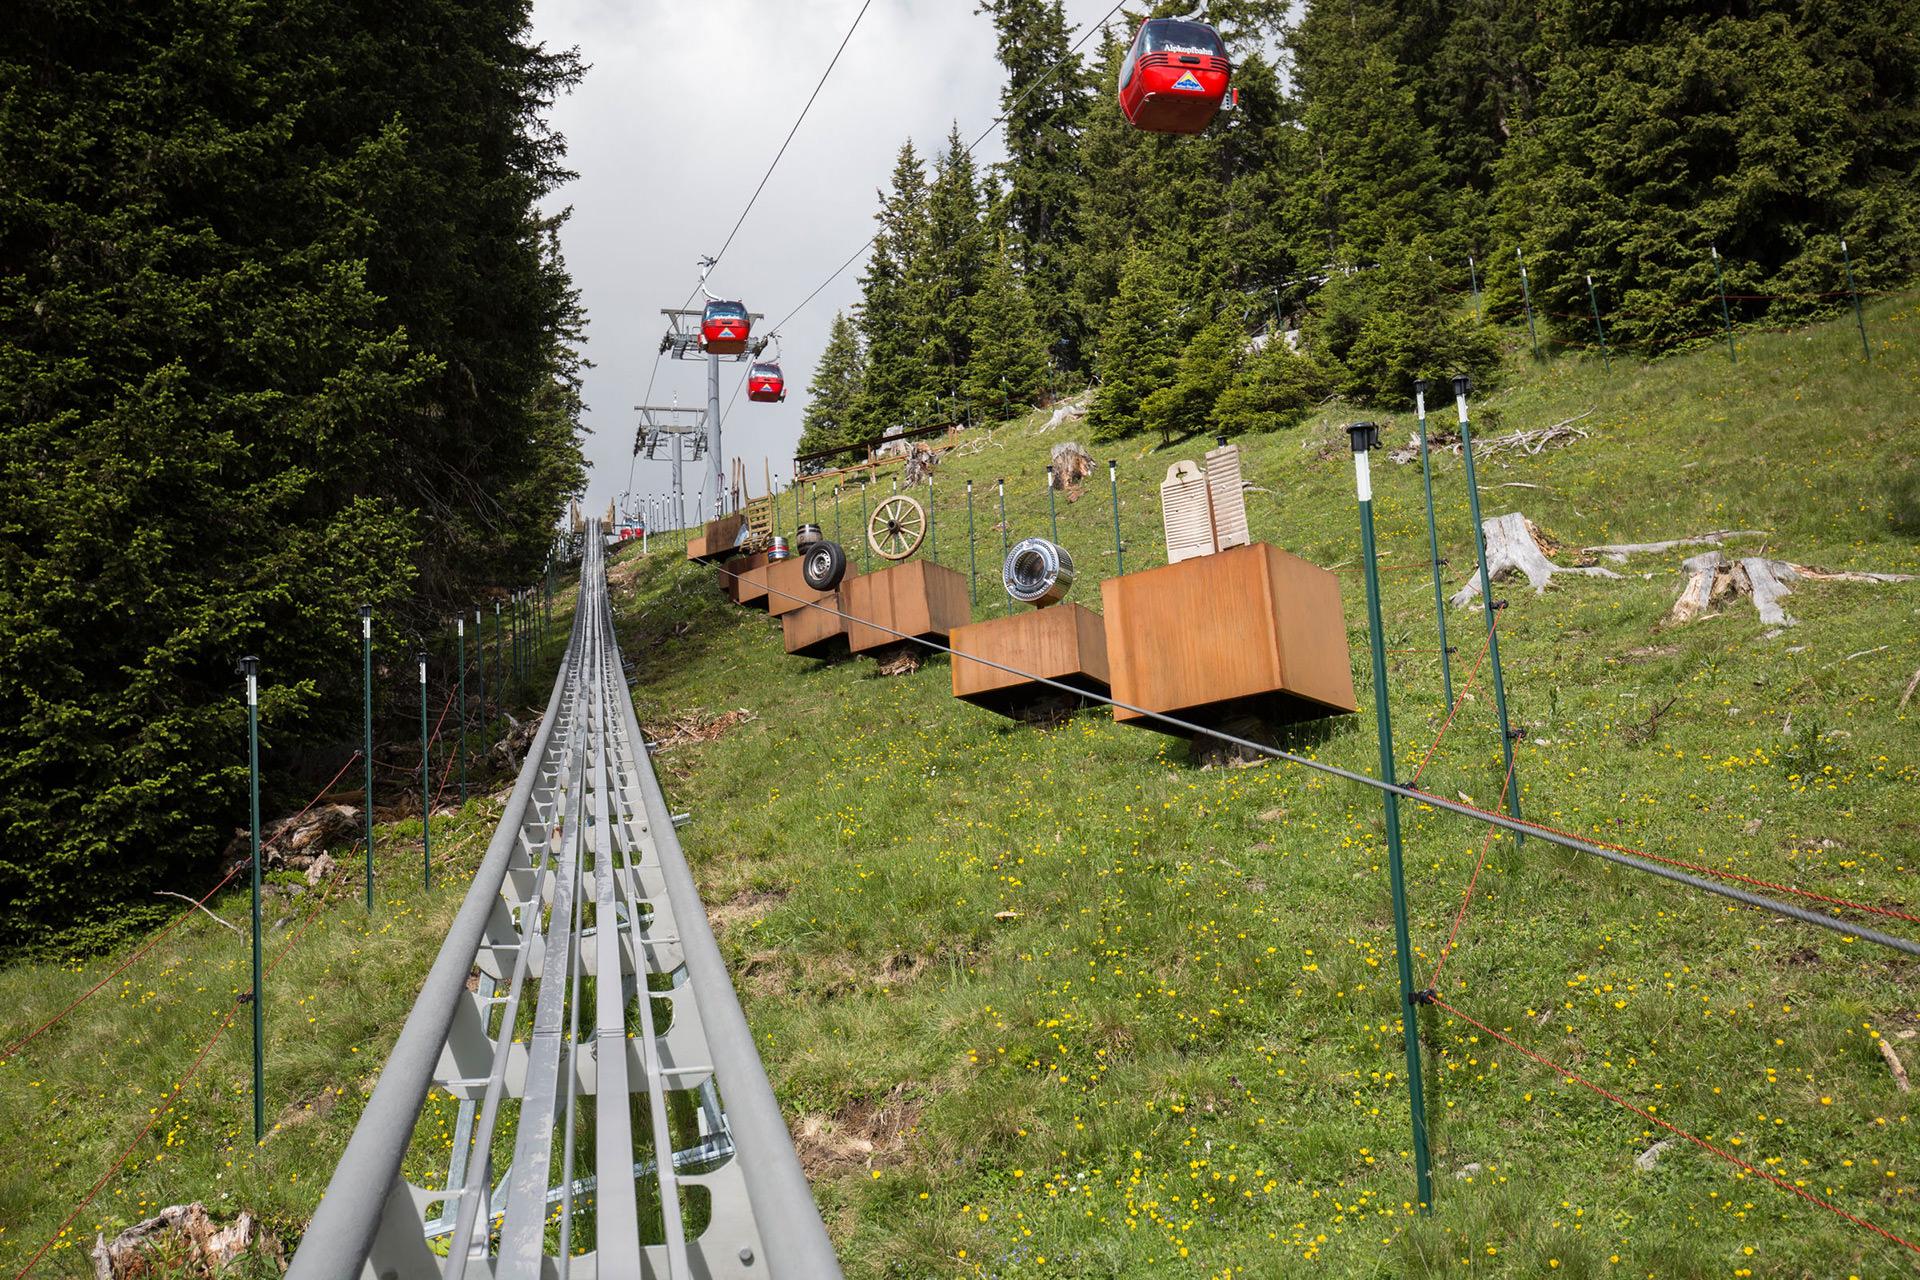 Familien-Coaster-Schneisenfeger-(8).jpg